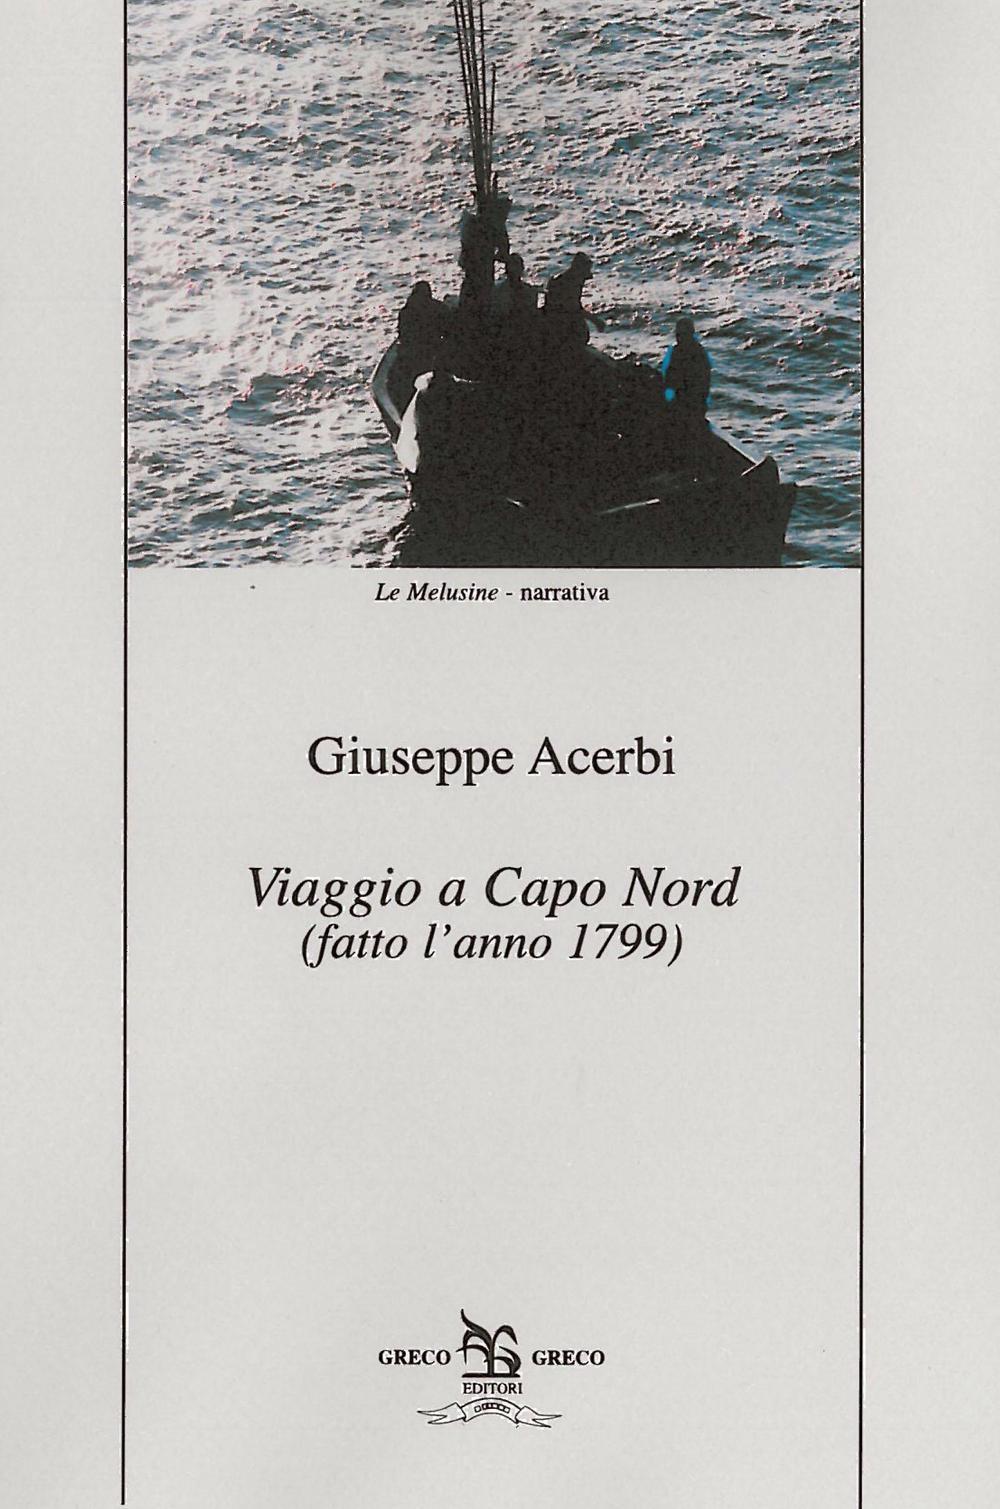 Viaggio a Capo Nord (fatto l'anno 1799).